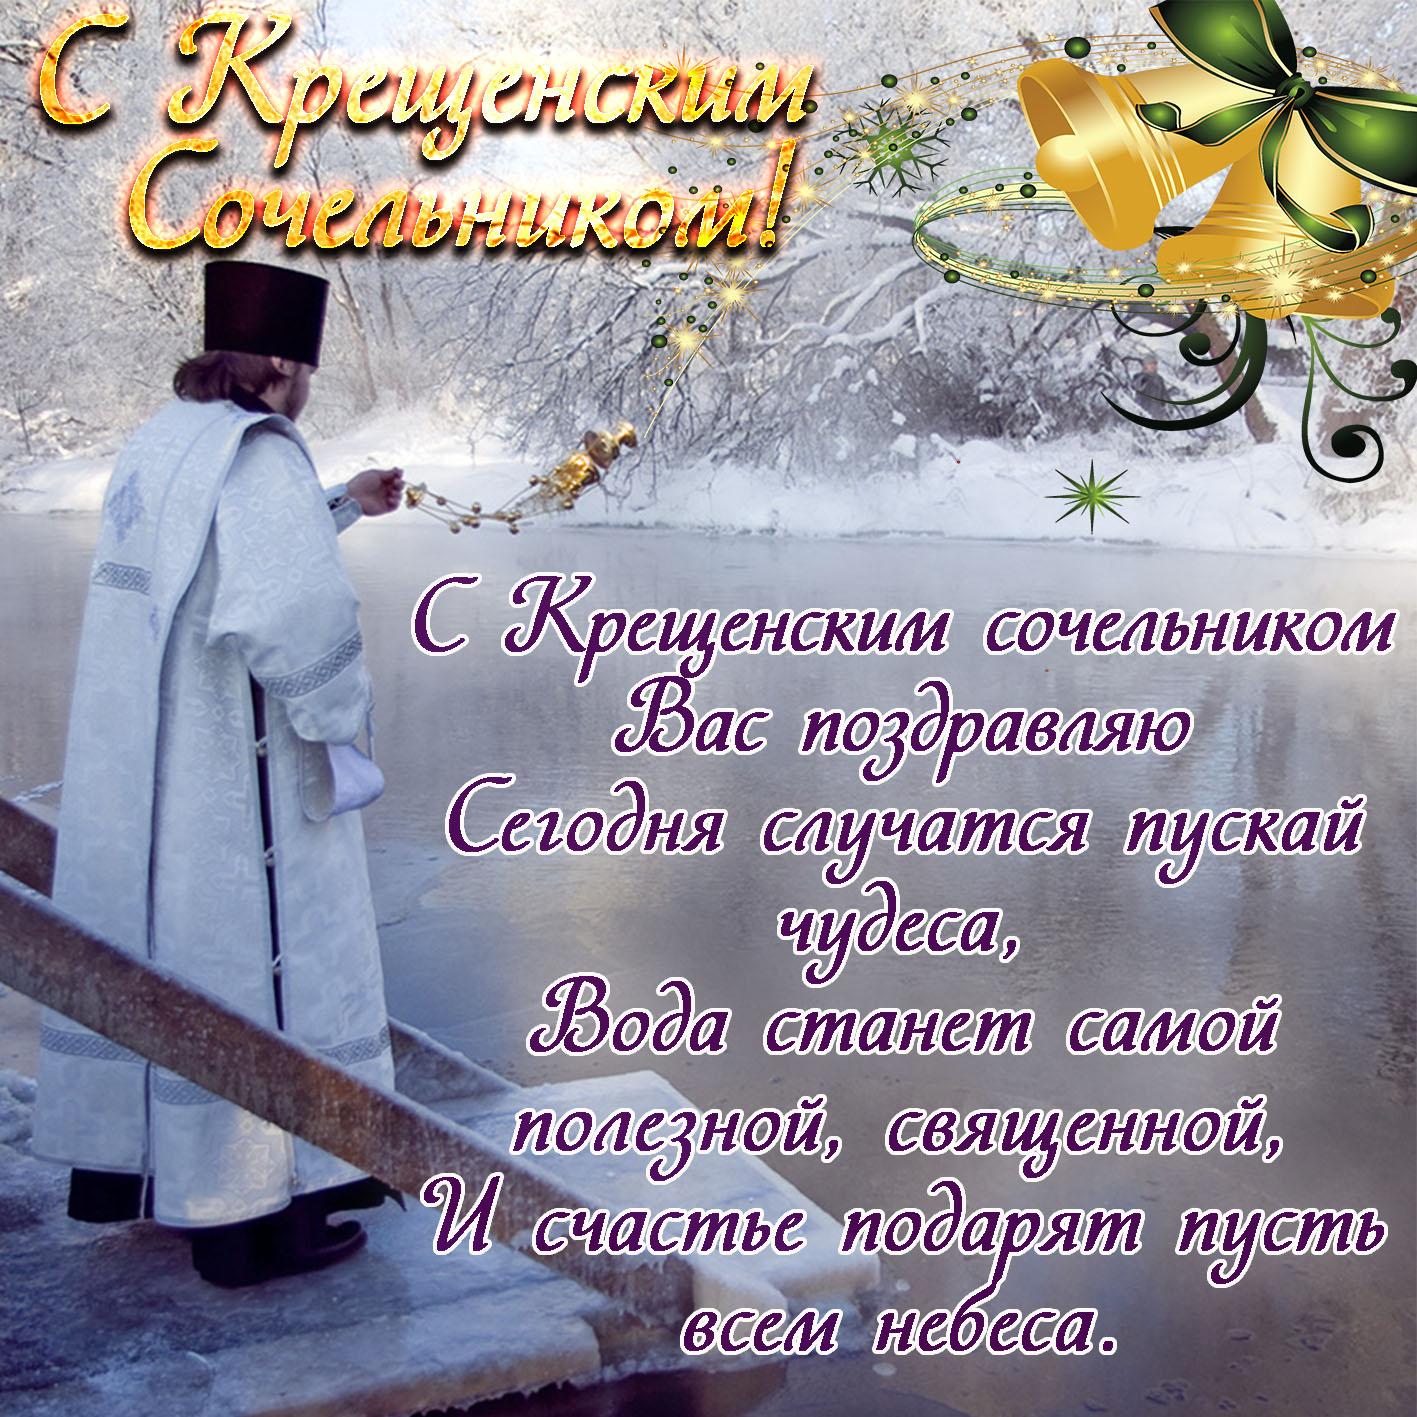 Картинка с поздравлением на Крещенский Сочельник